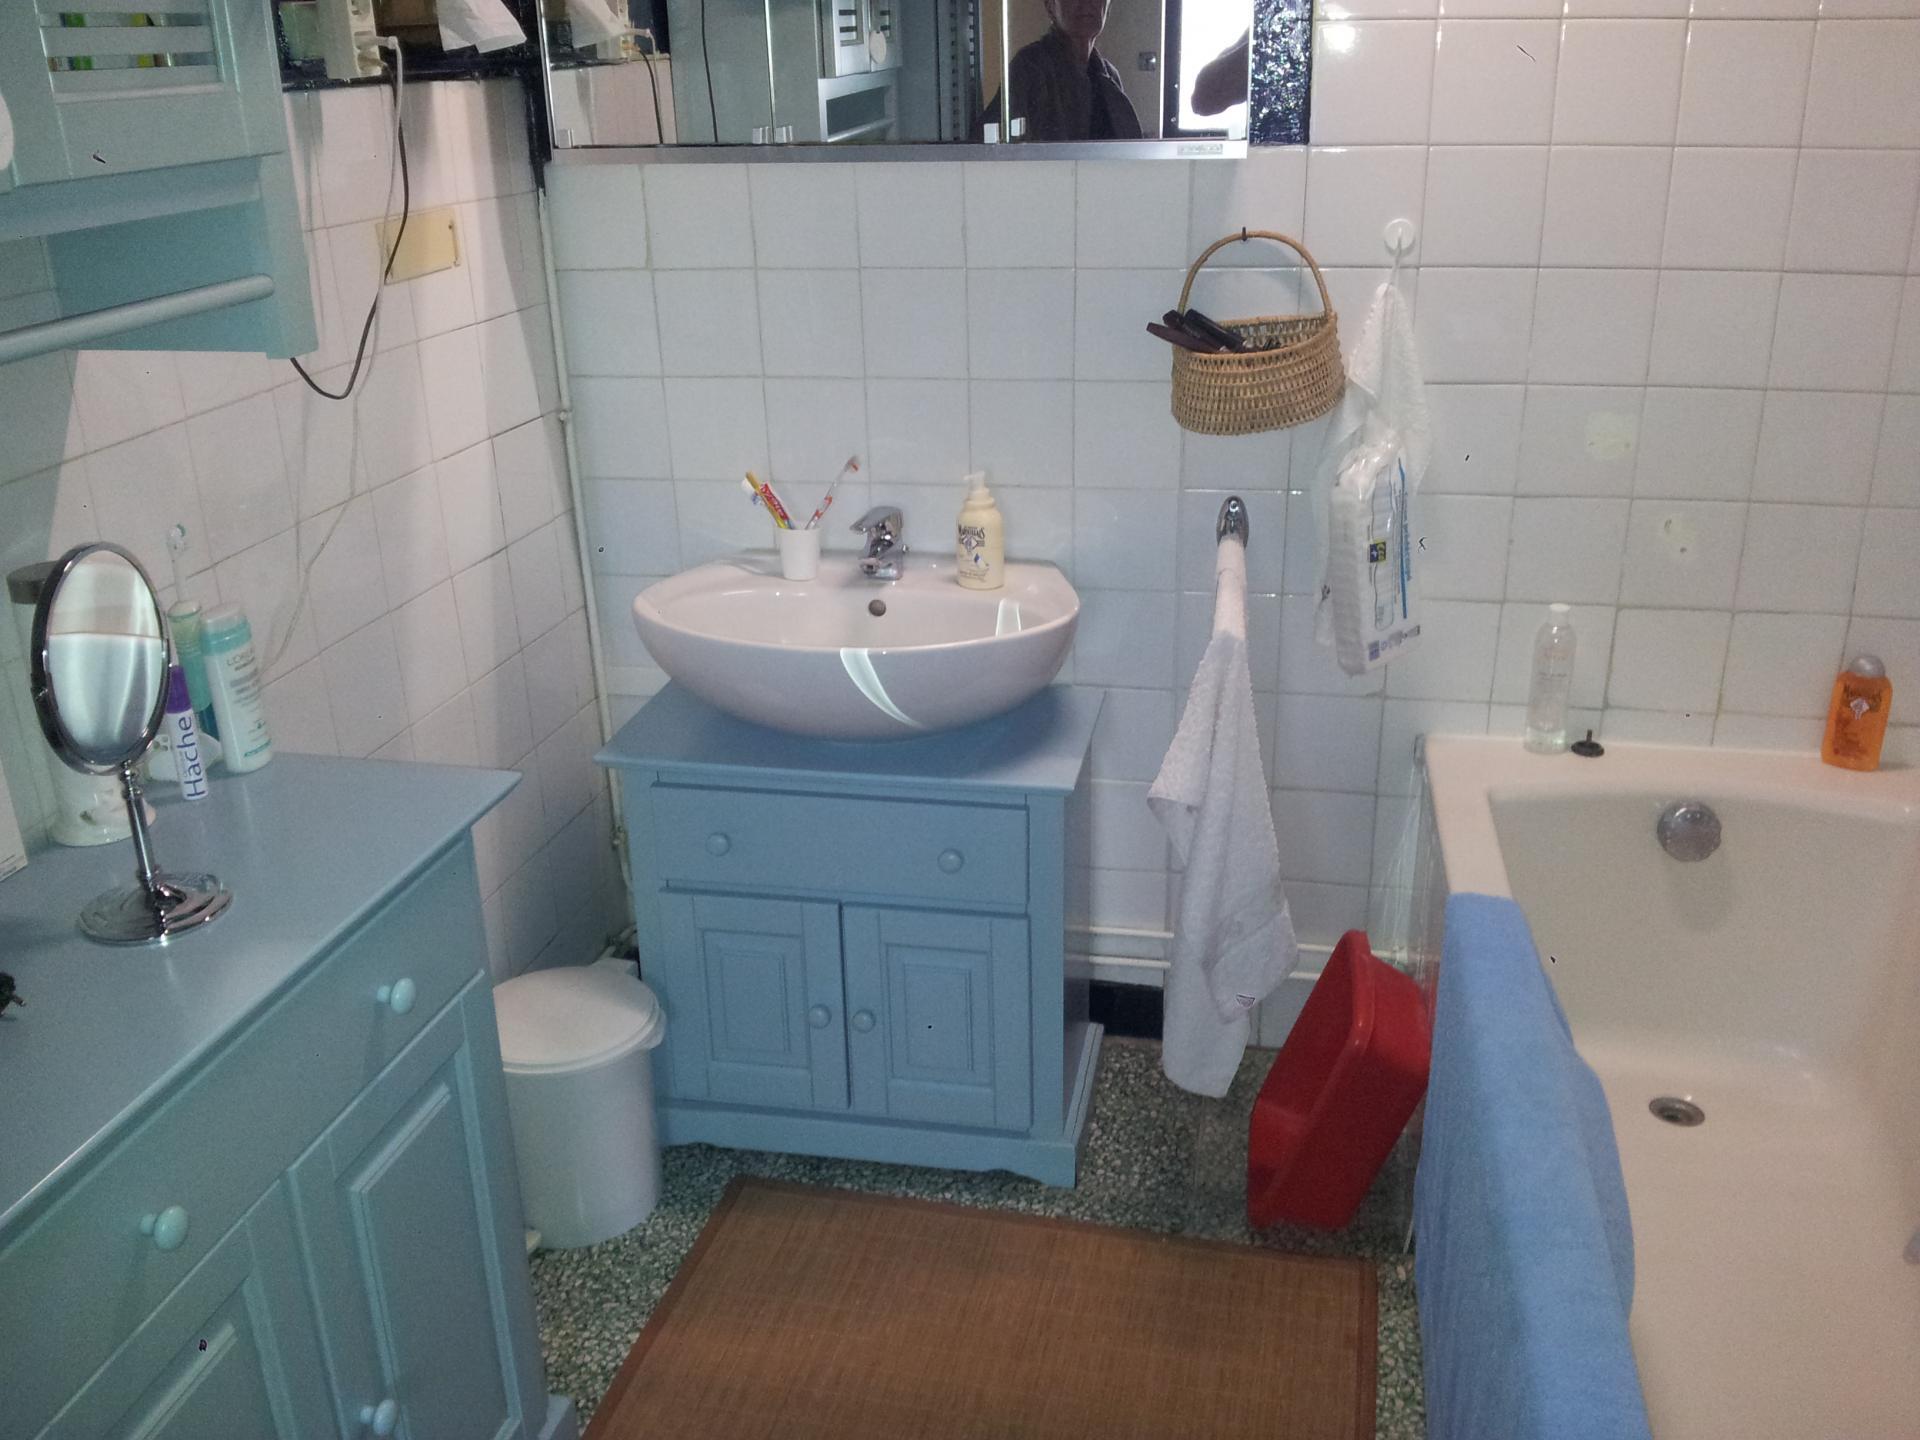 Salle de bain avant travaux de rénovation